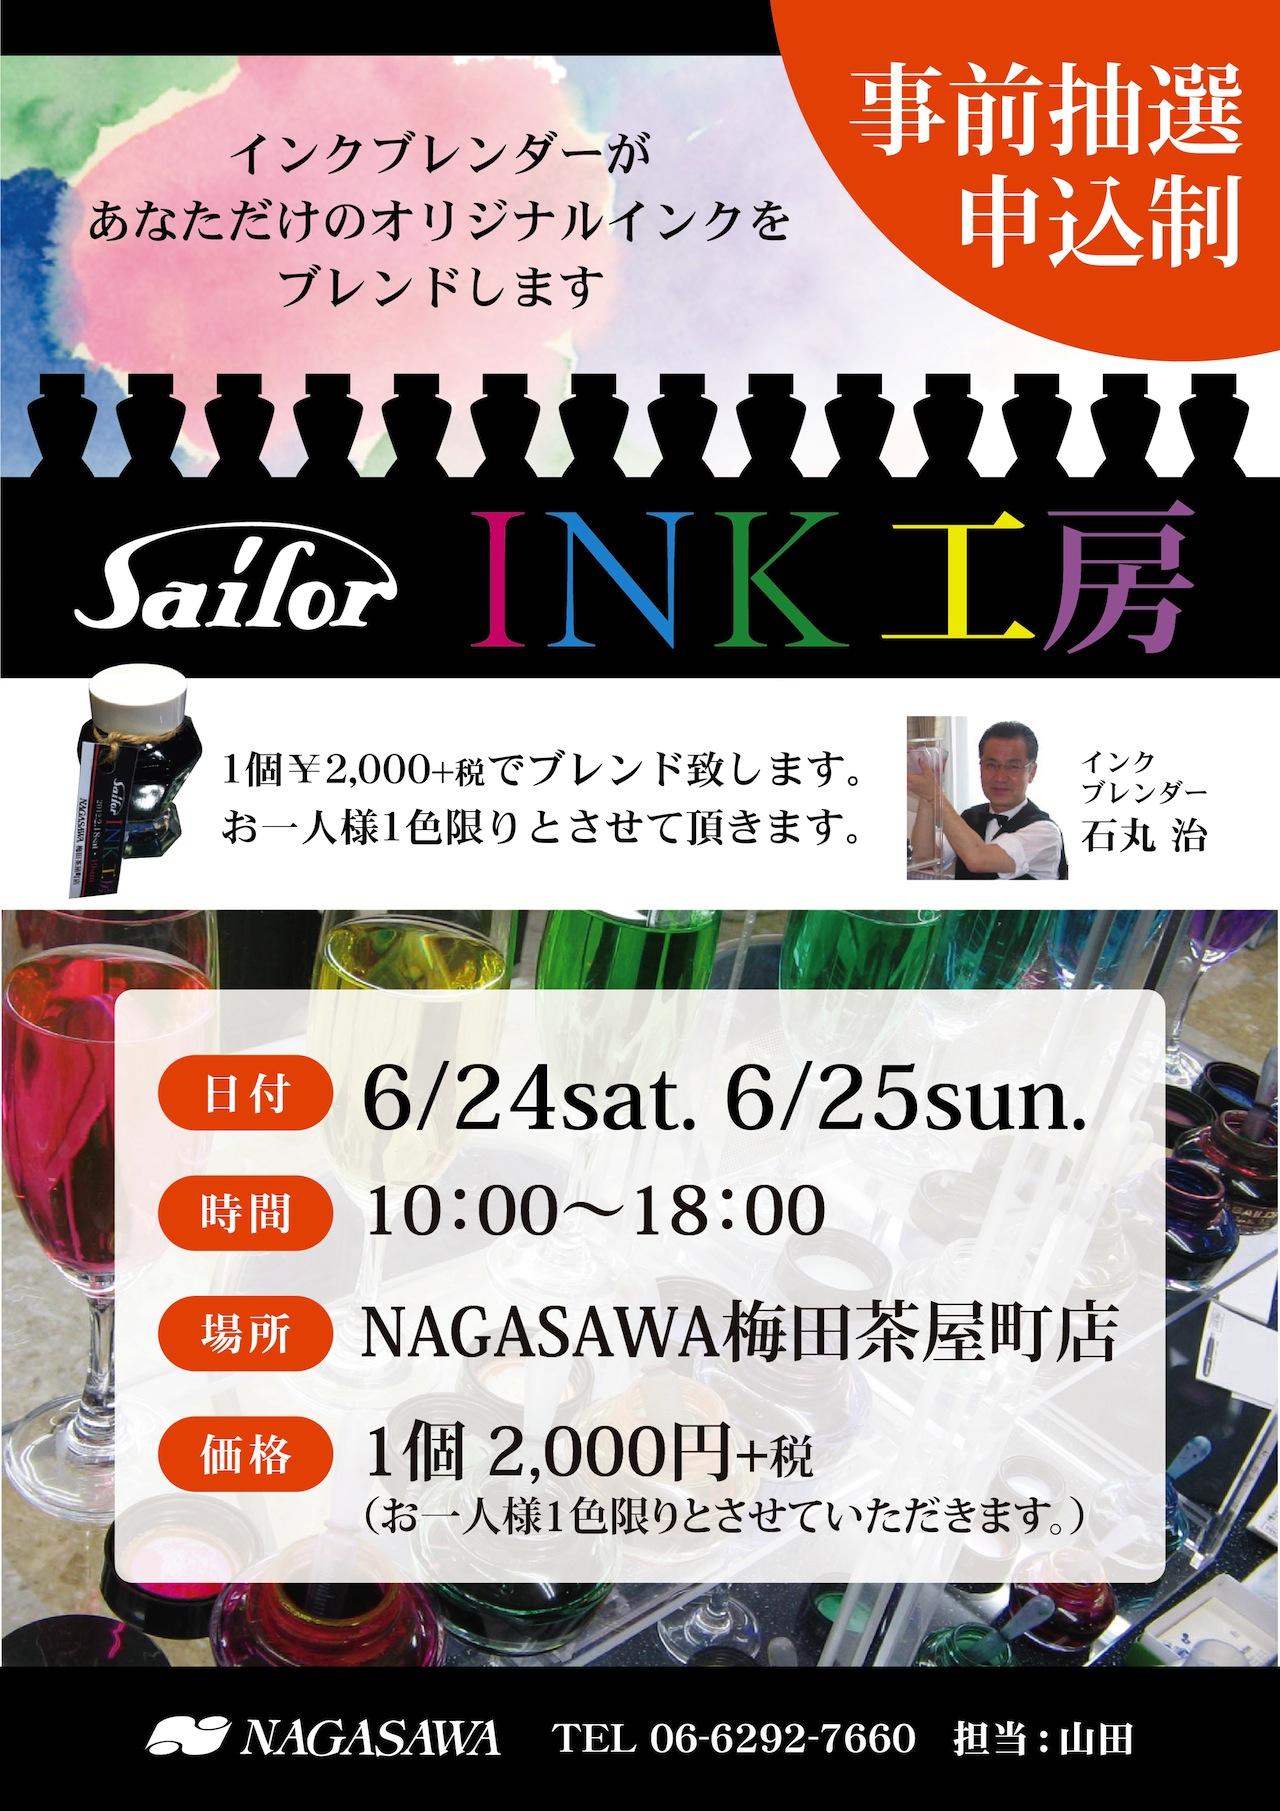 セーラーインク工房 @NAGASAWA梅田茶屋町店